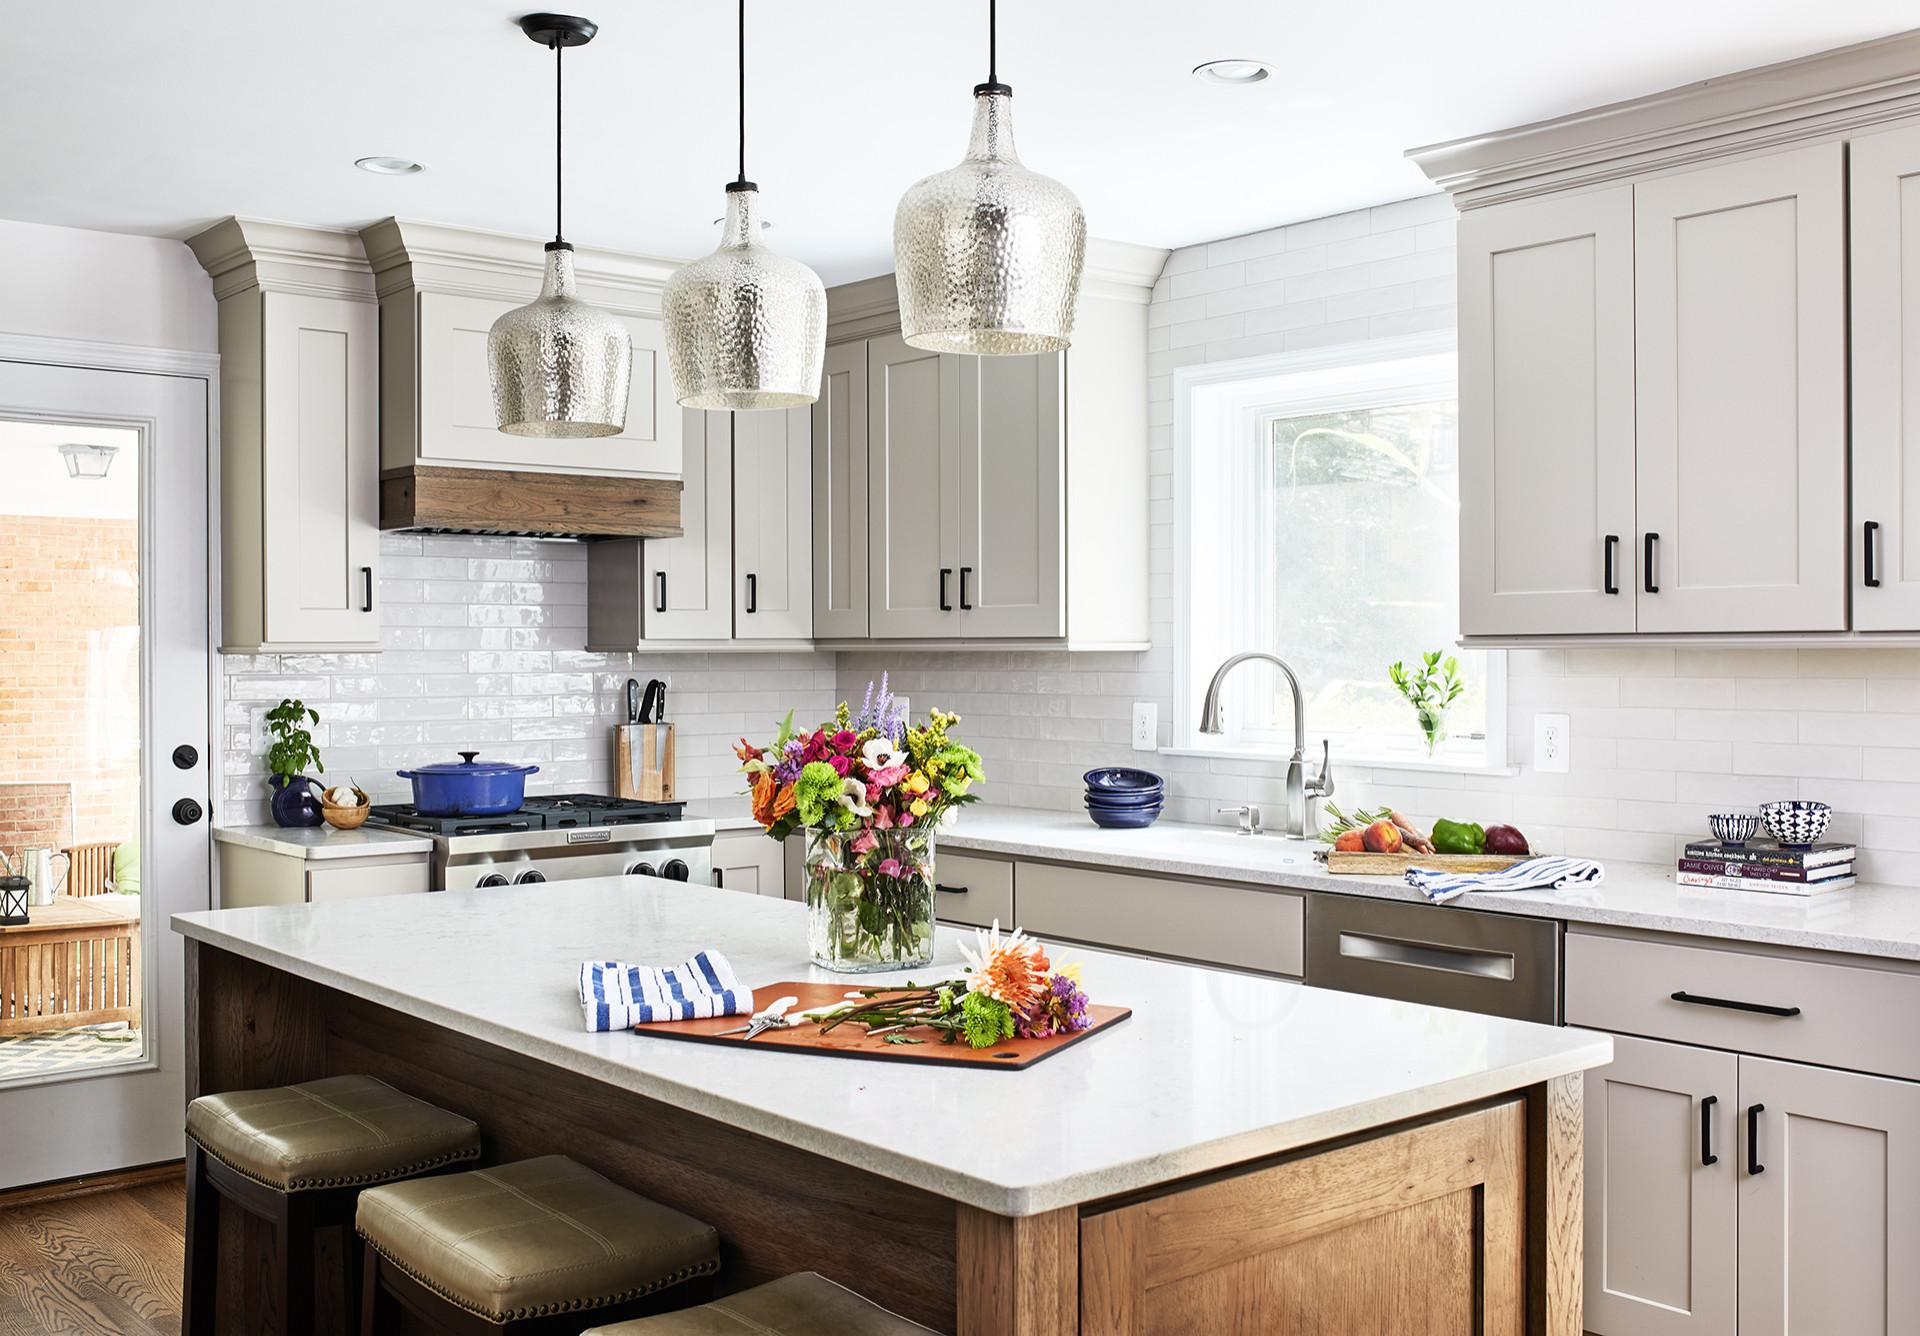 9×9 kitchen design ideas – ksa g.com